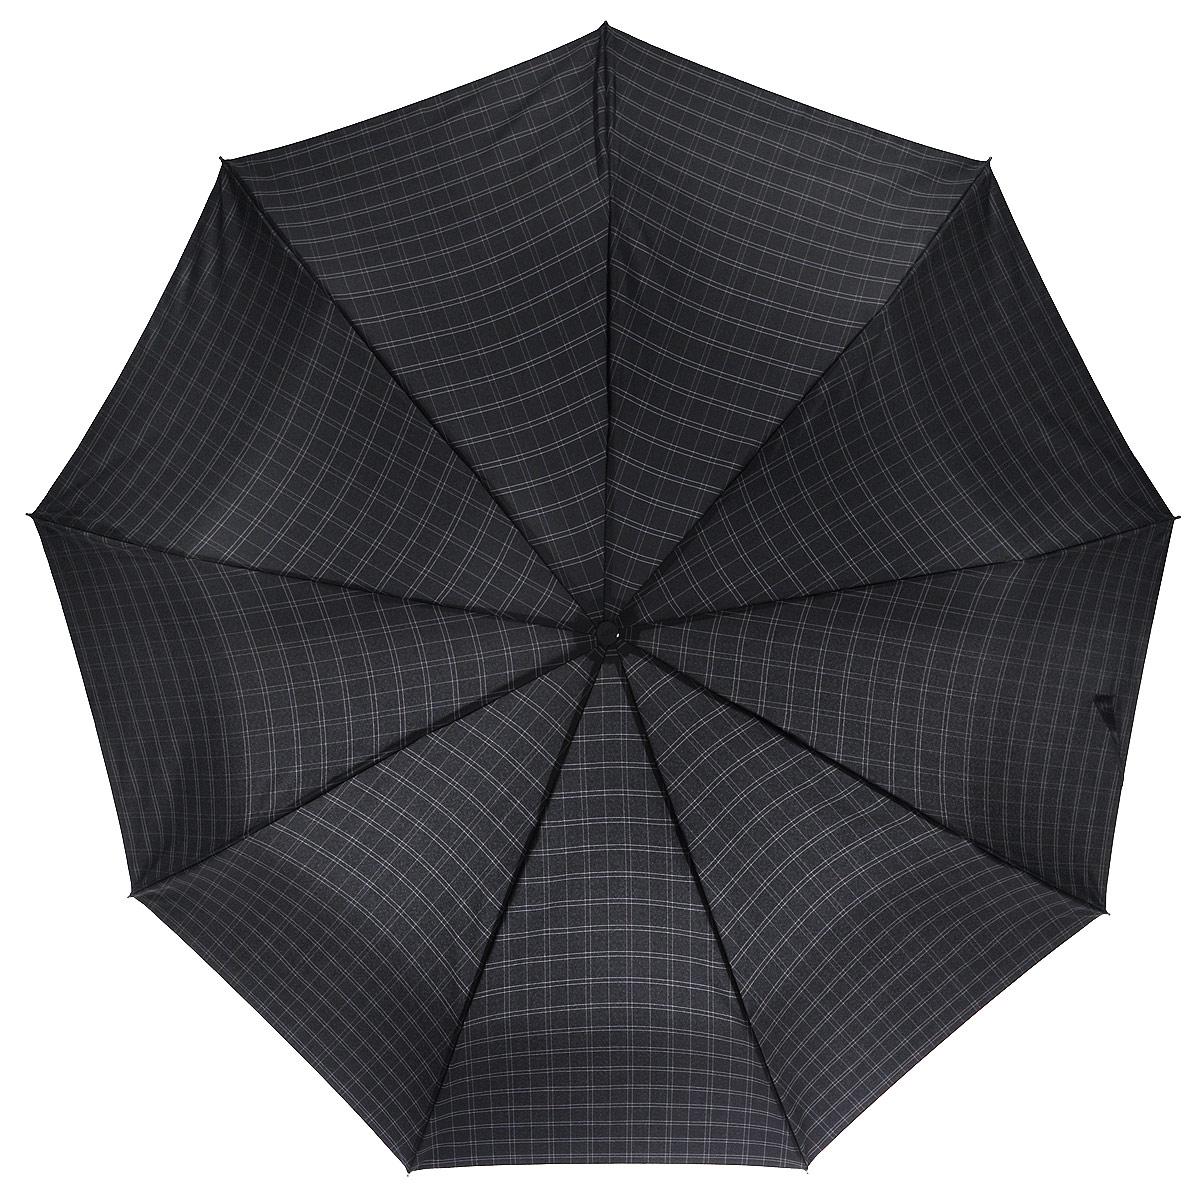 Зонт мужской Zest, автомат, 3 сложения, цвет: черный. 13943-3 зонт мужской  zest   автомат  3